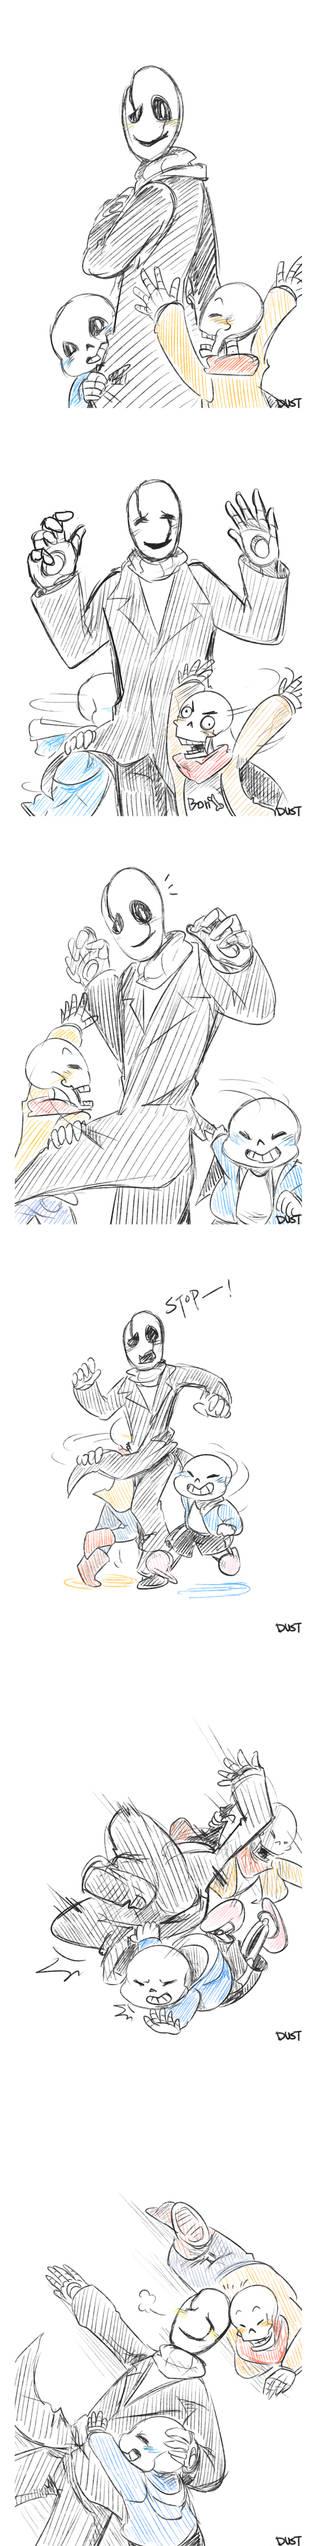 [UT] skeletonfamily2